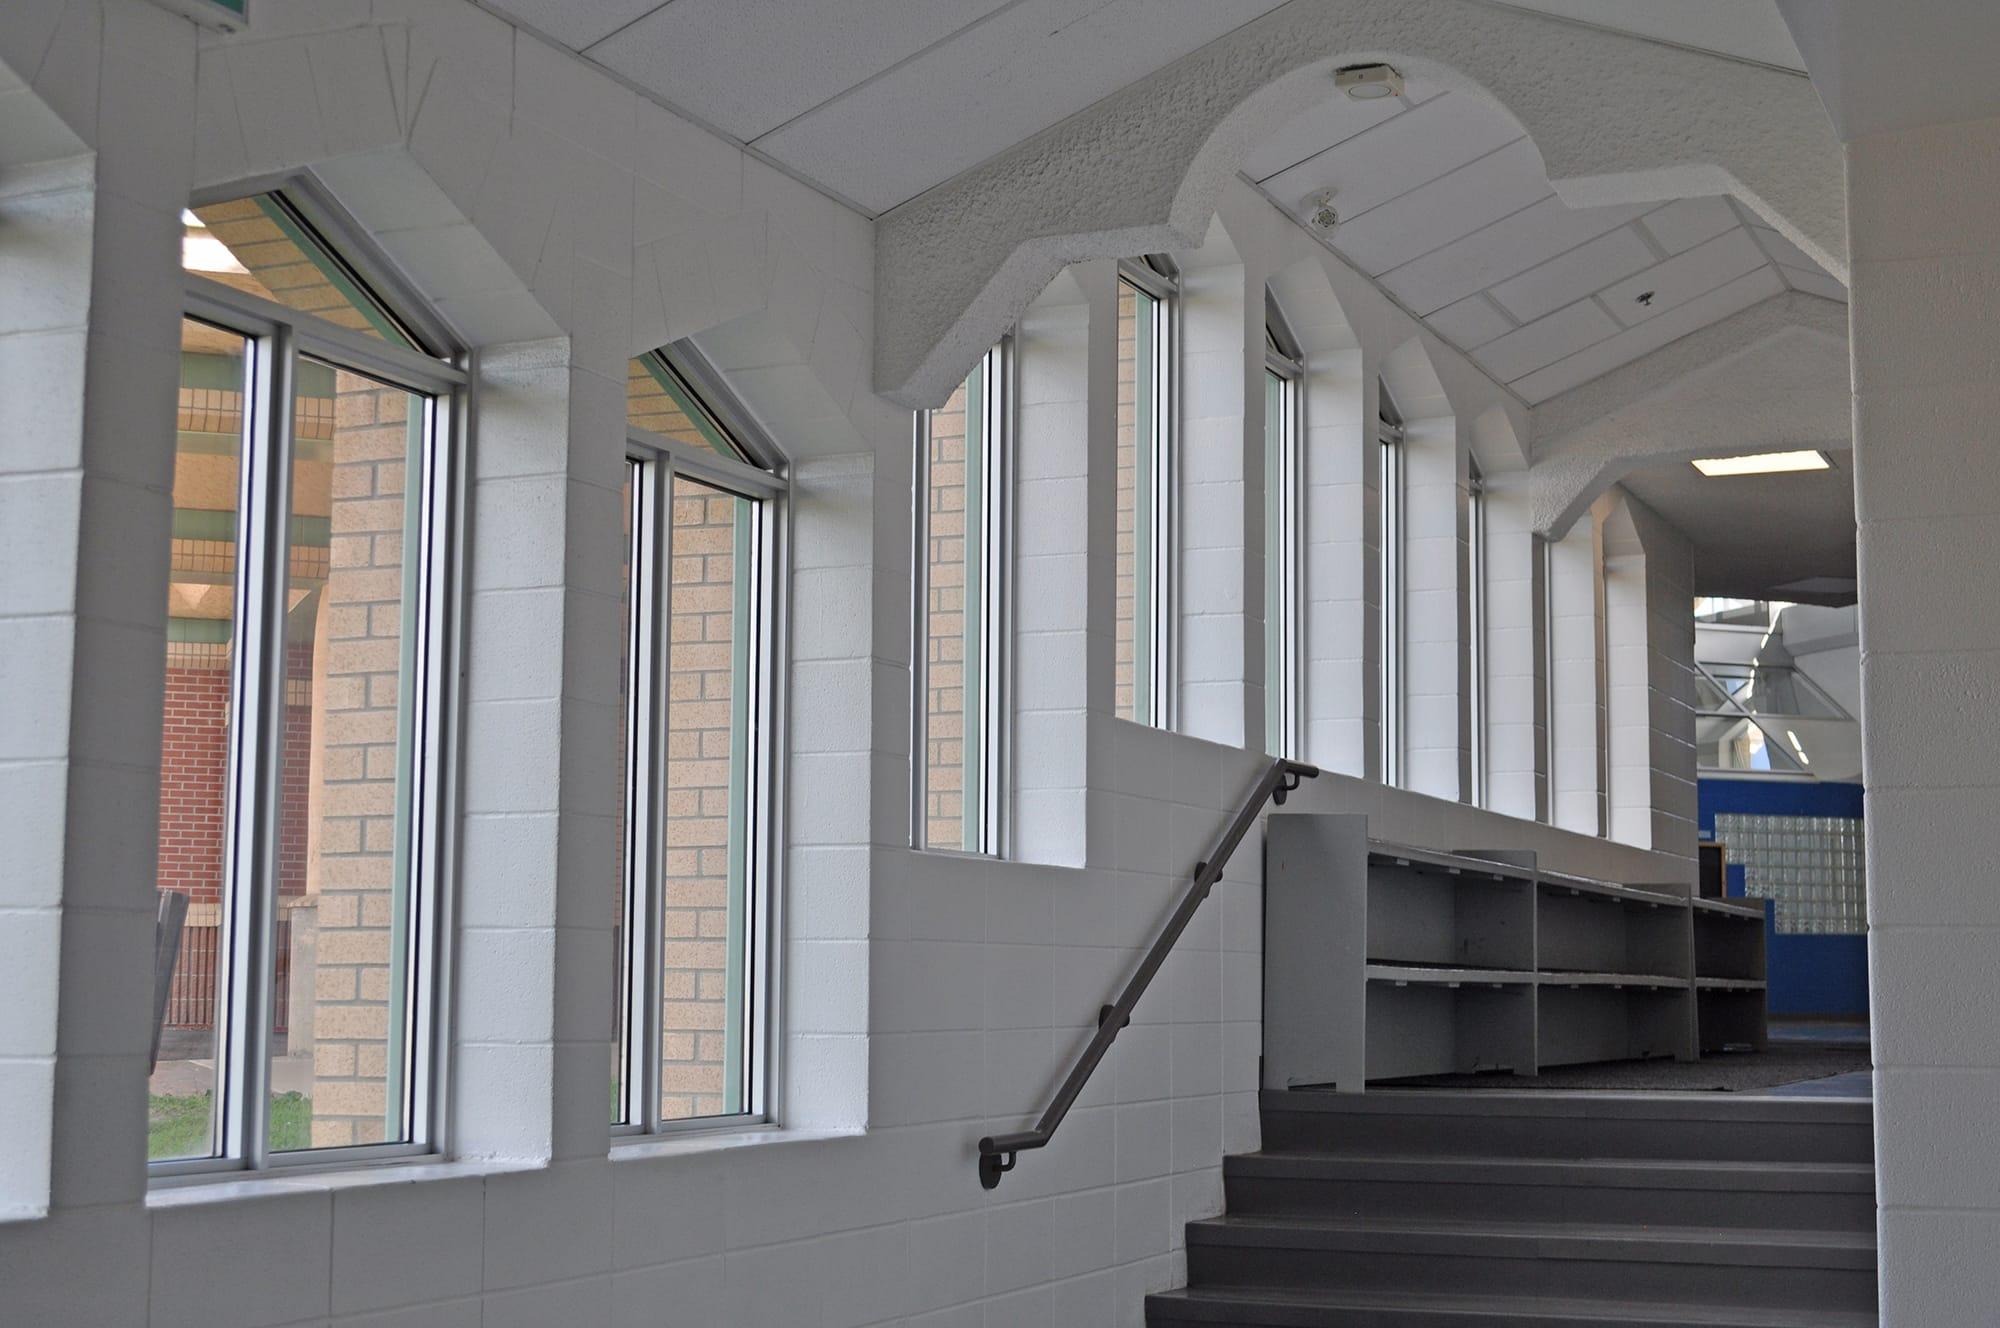 École Montrose Junior High School interior stairway